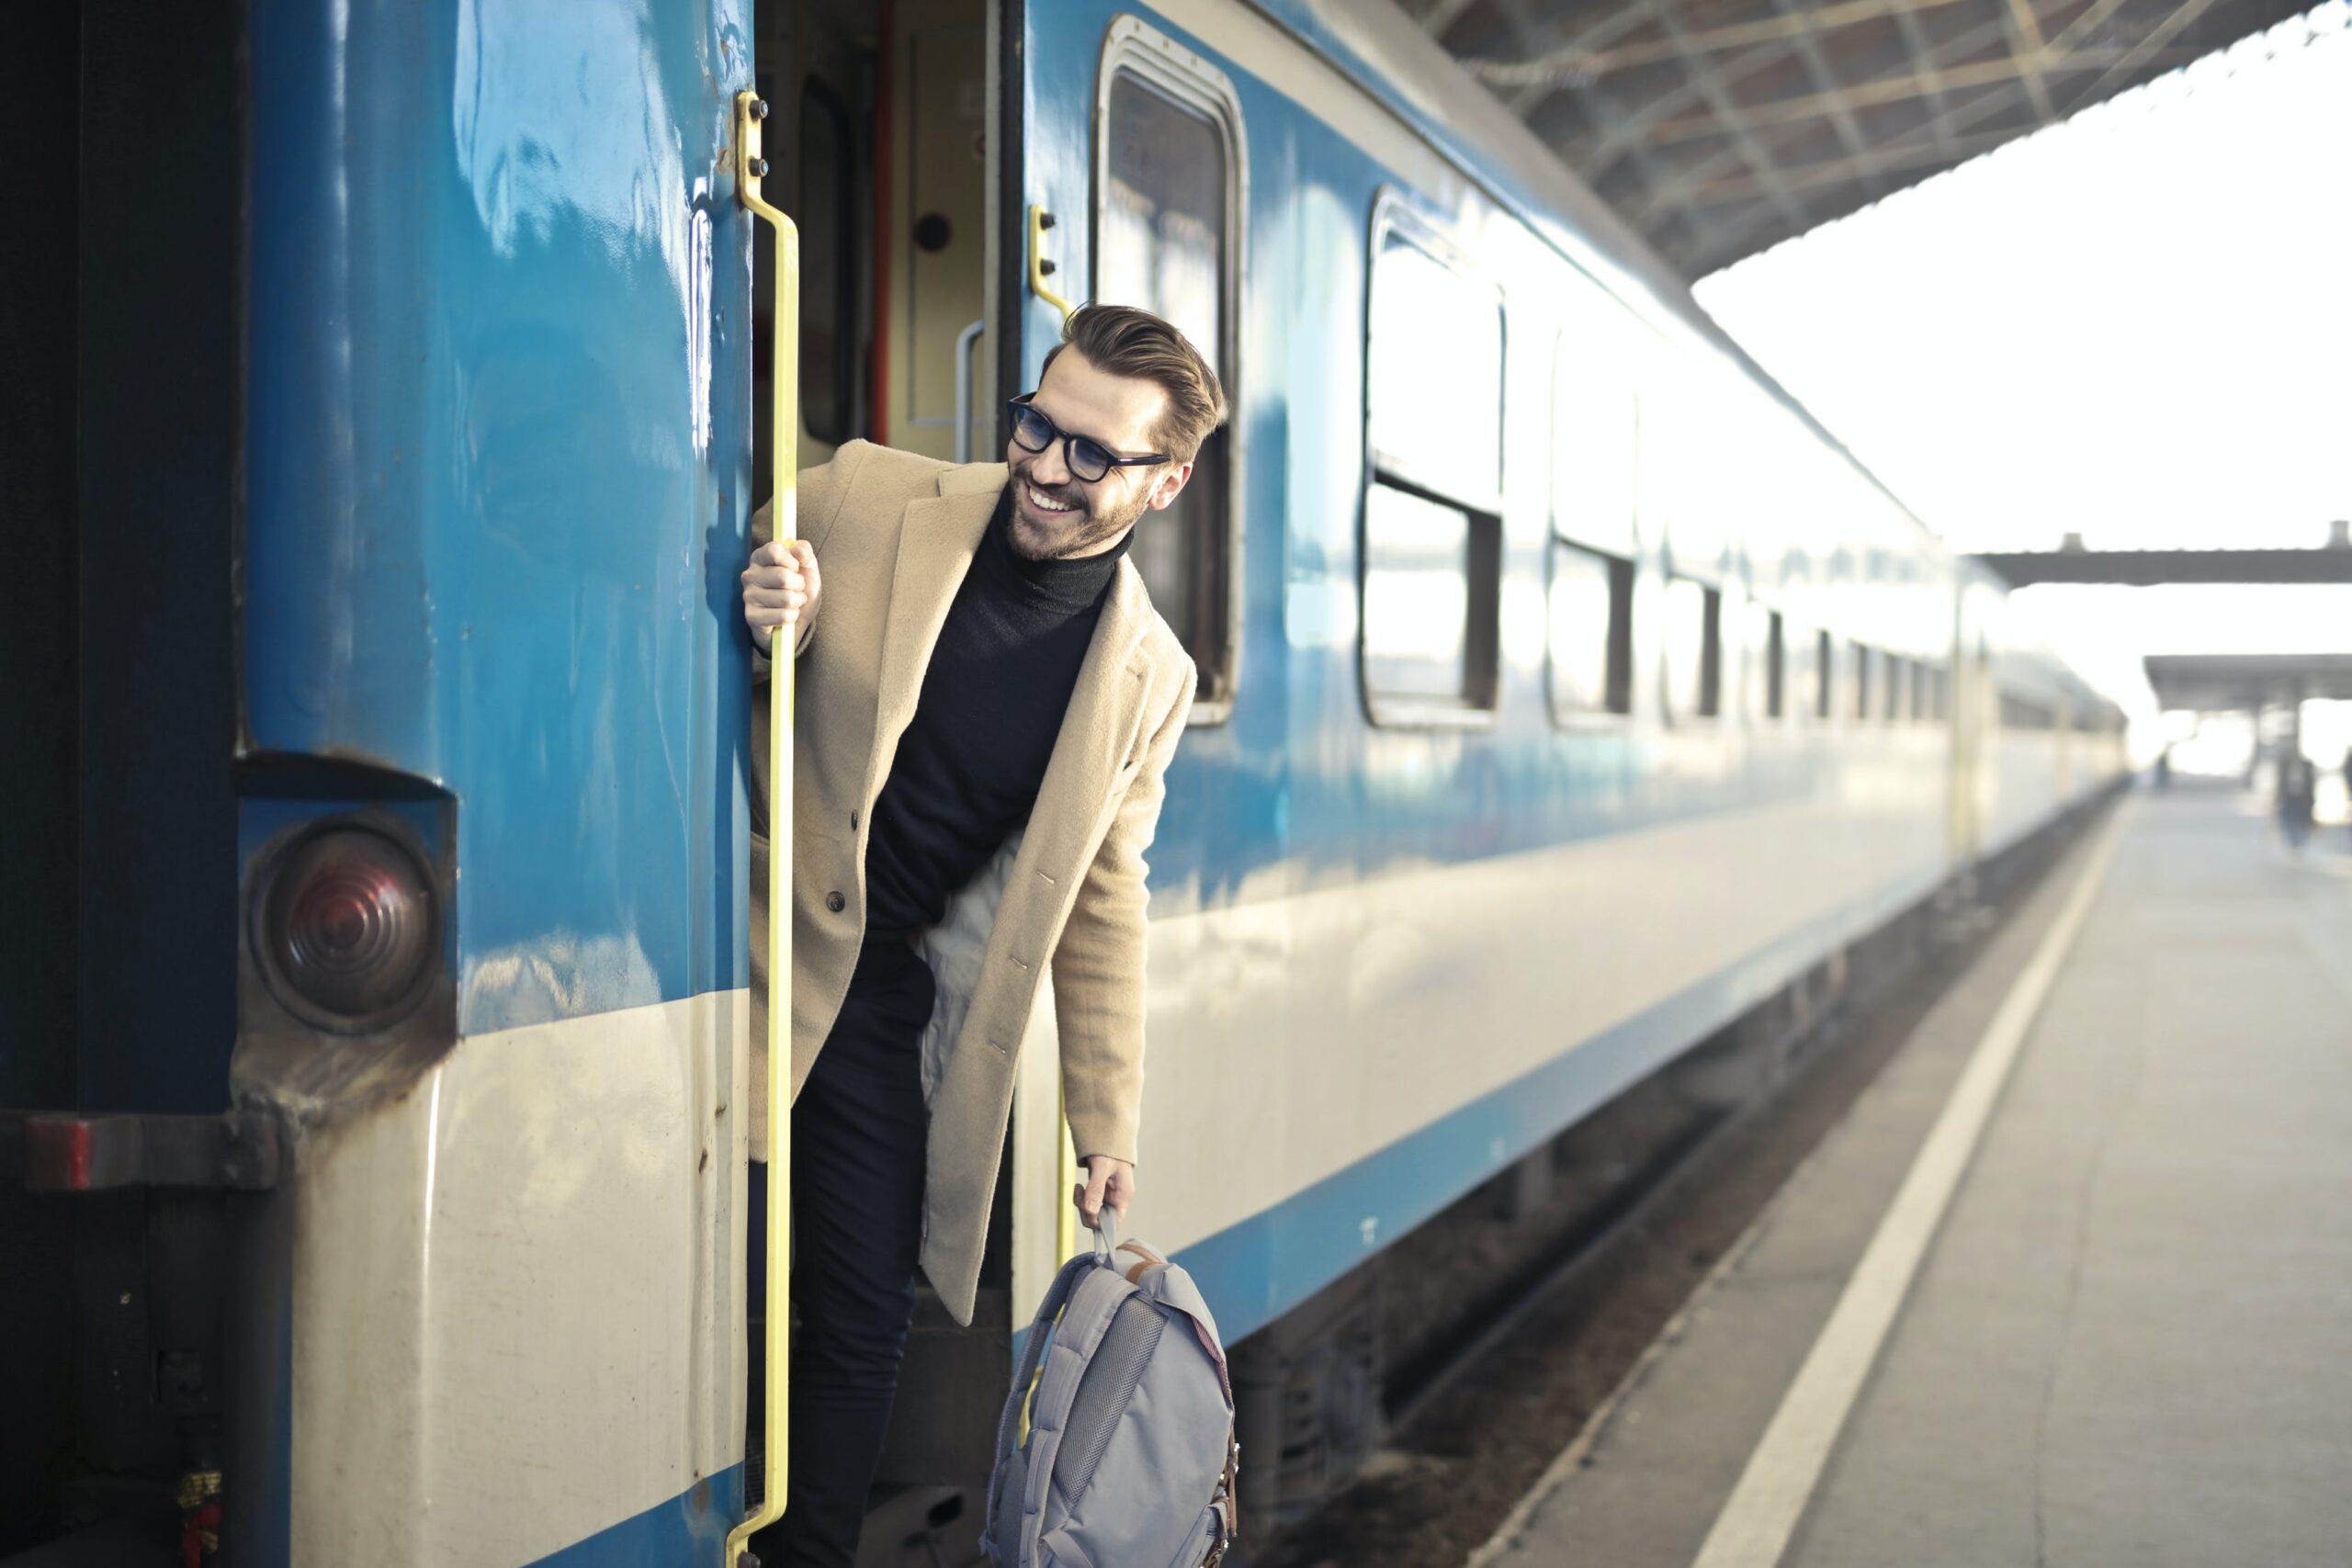 Inauguracja blogu związanego zkulturą bezpieczeństwa wtransporcie kolejowym